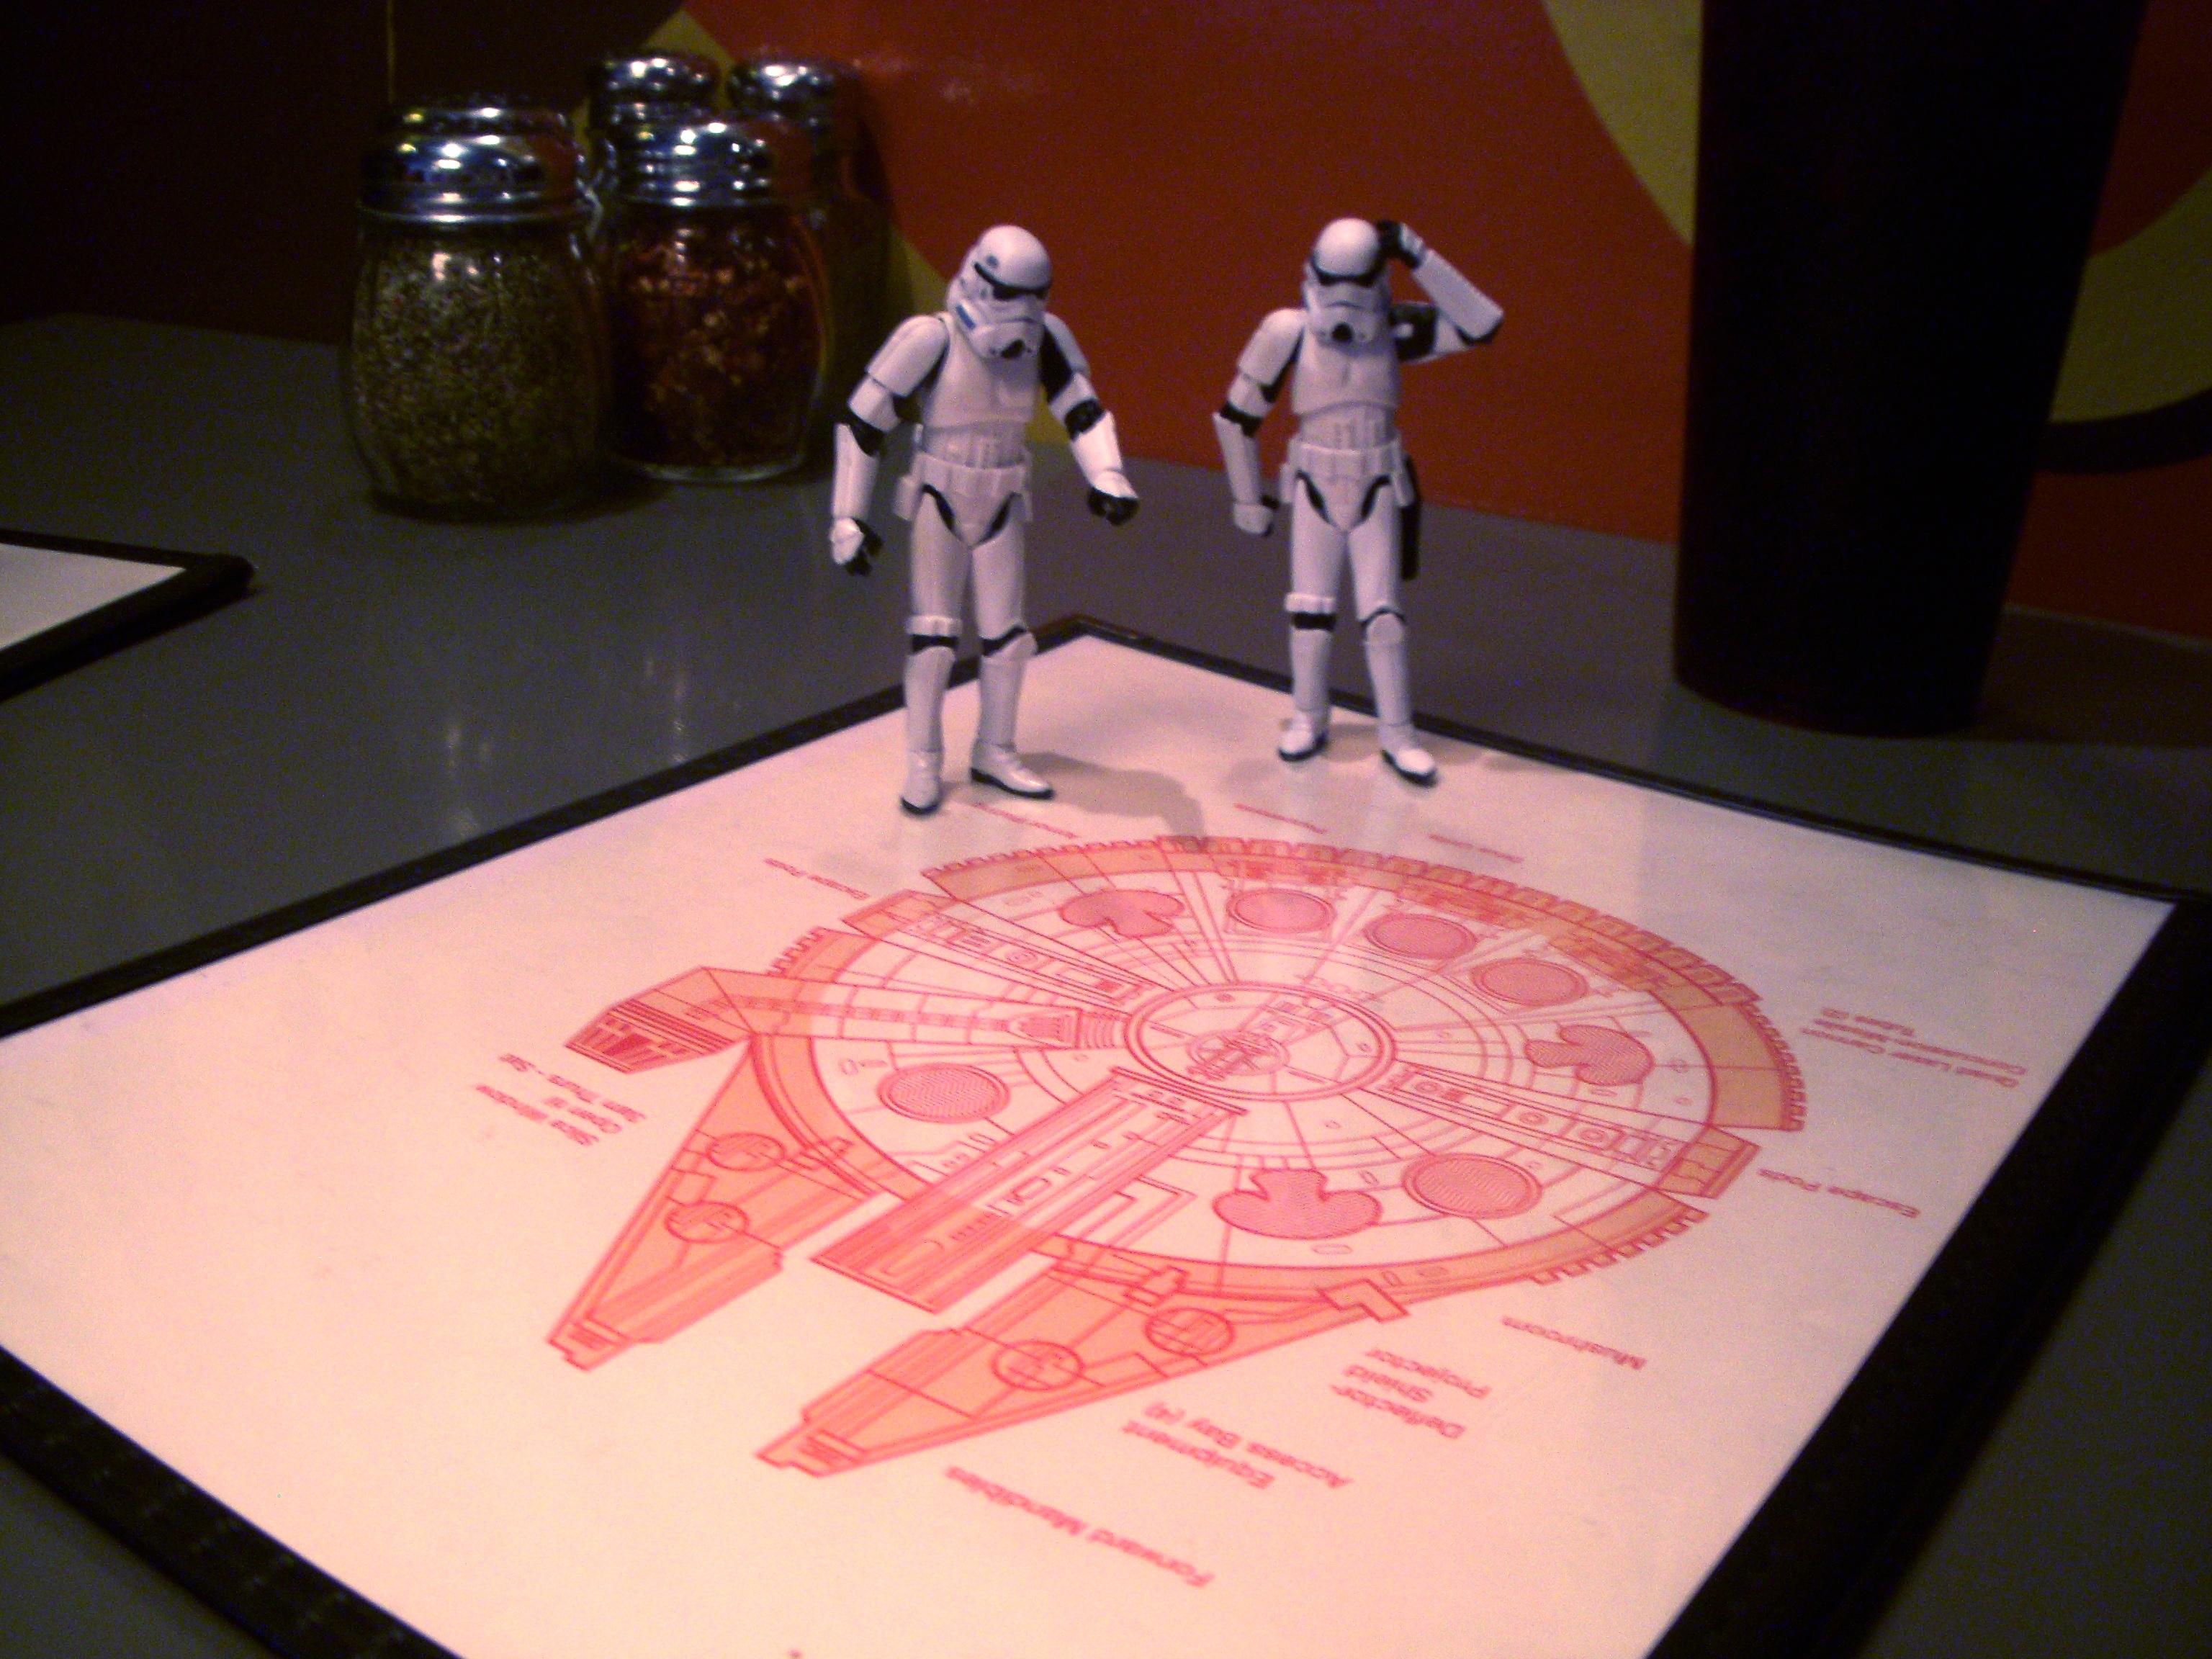 imagen graciosa de juguetes Star Wars planificando